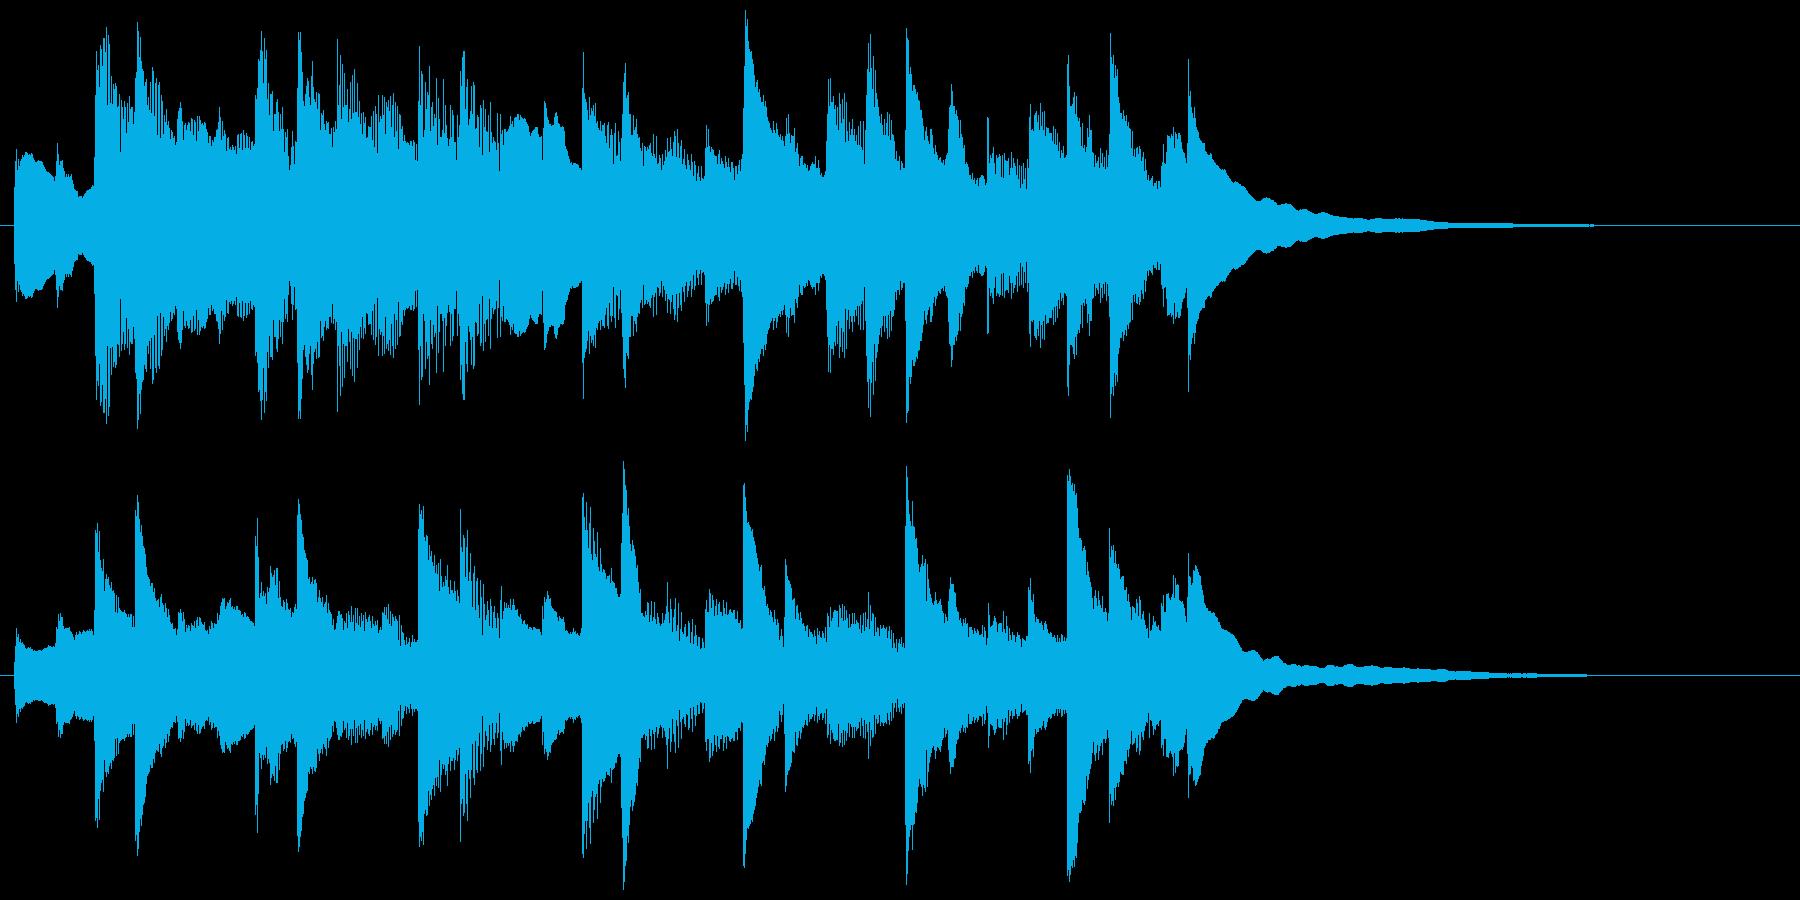 夕涼み癒しピアノジングルで涼し気かわいいの再生済みの波形